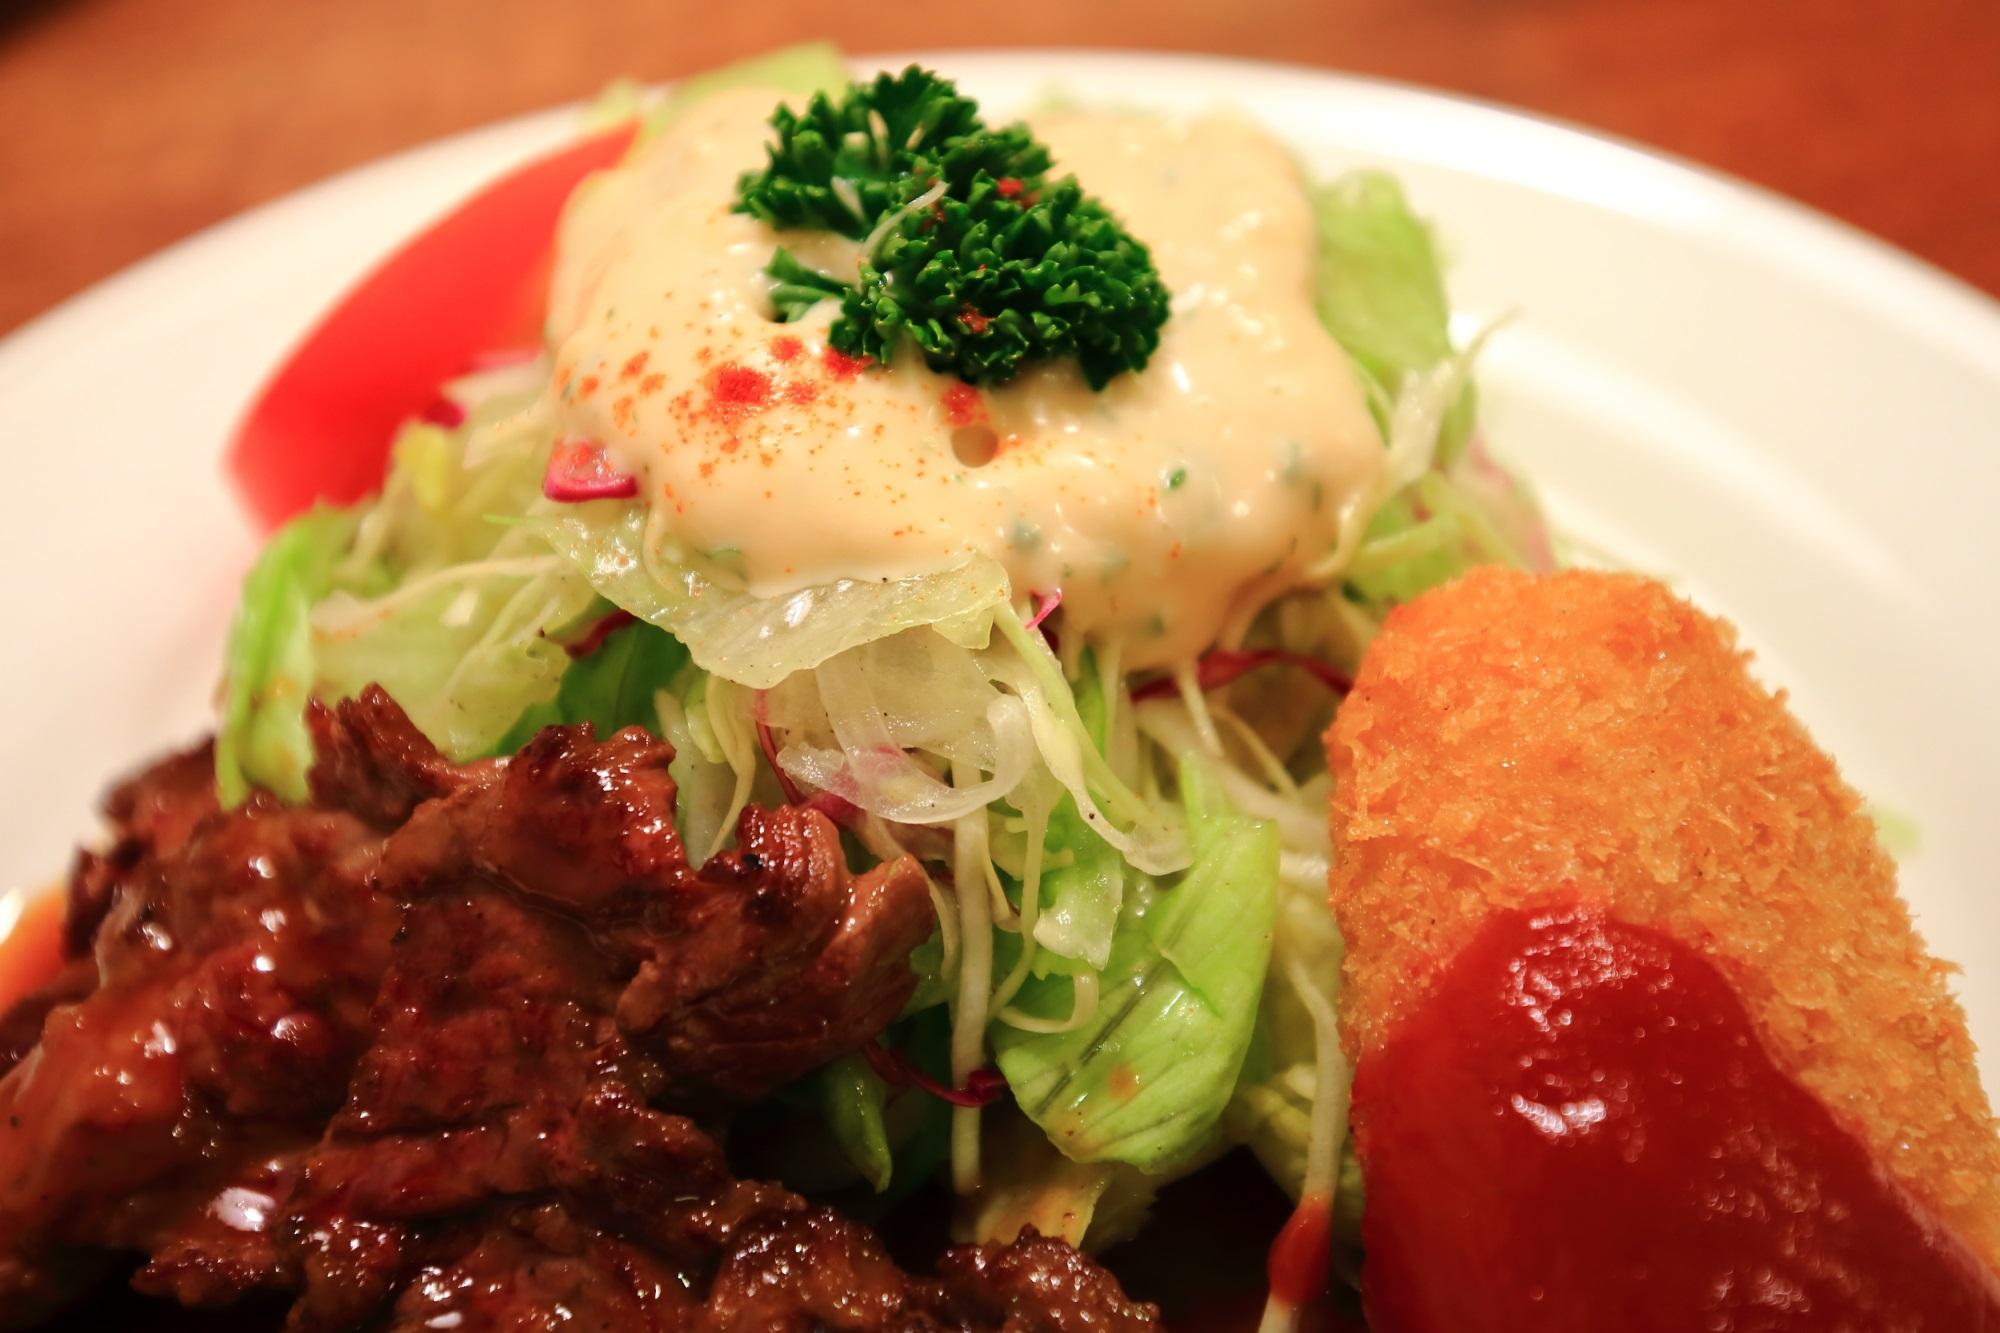 京都のうまい店のサラダの店サンチョ河原町本店のテリコロランチのサラダ